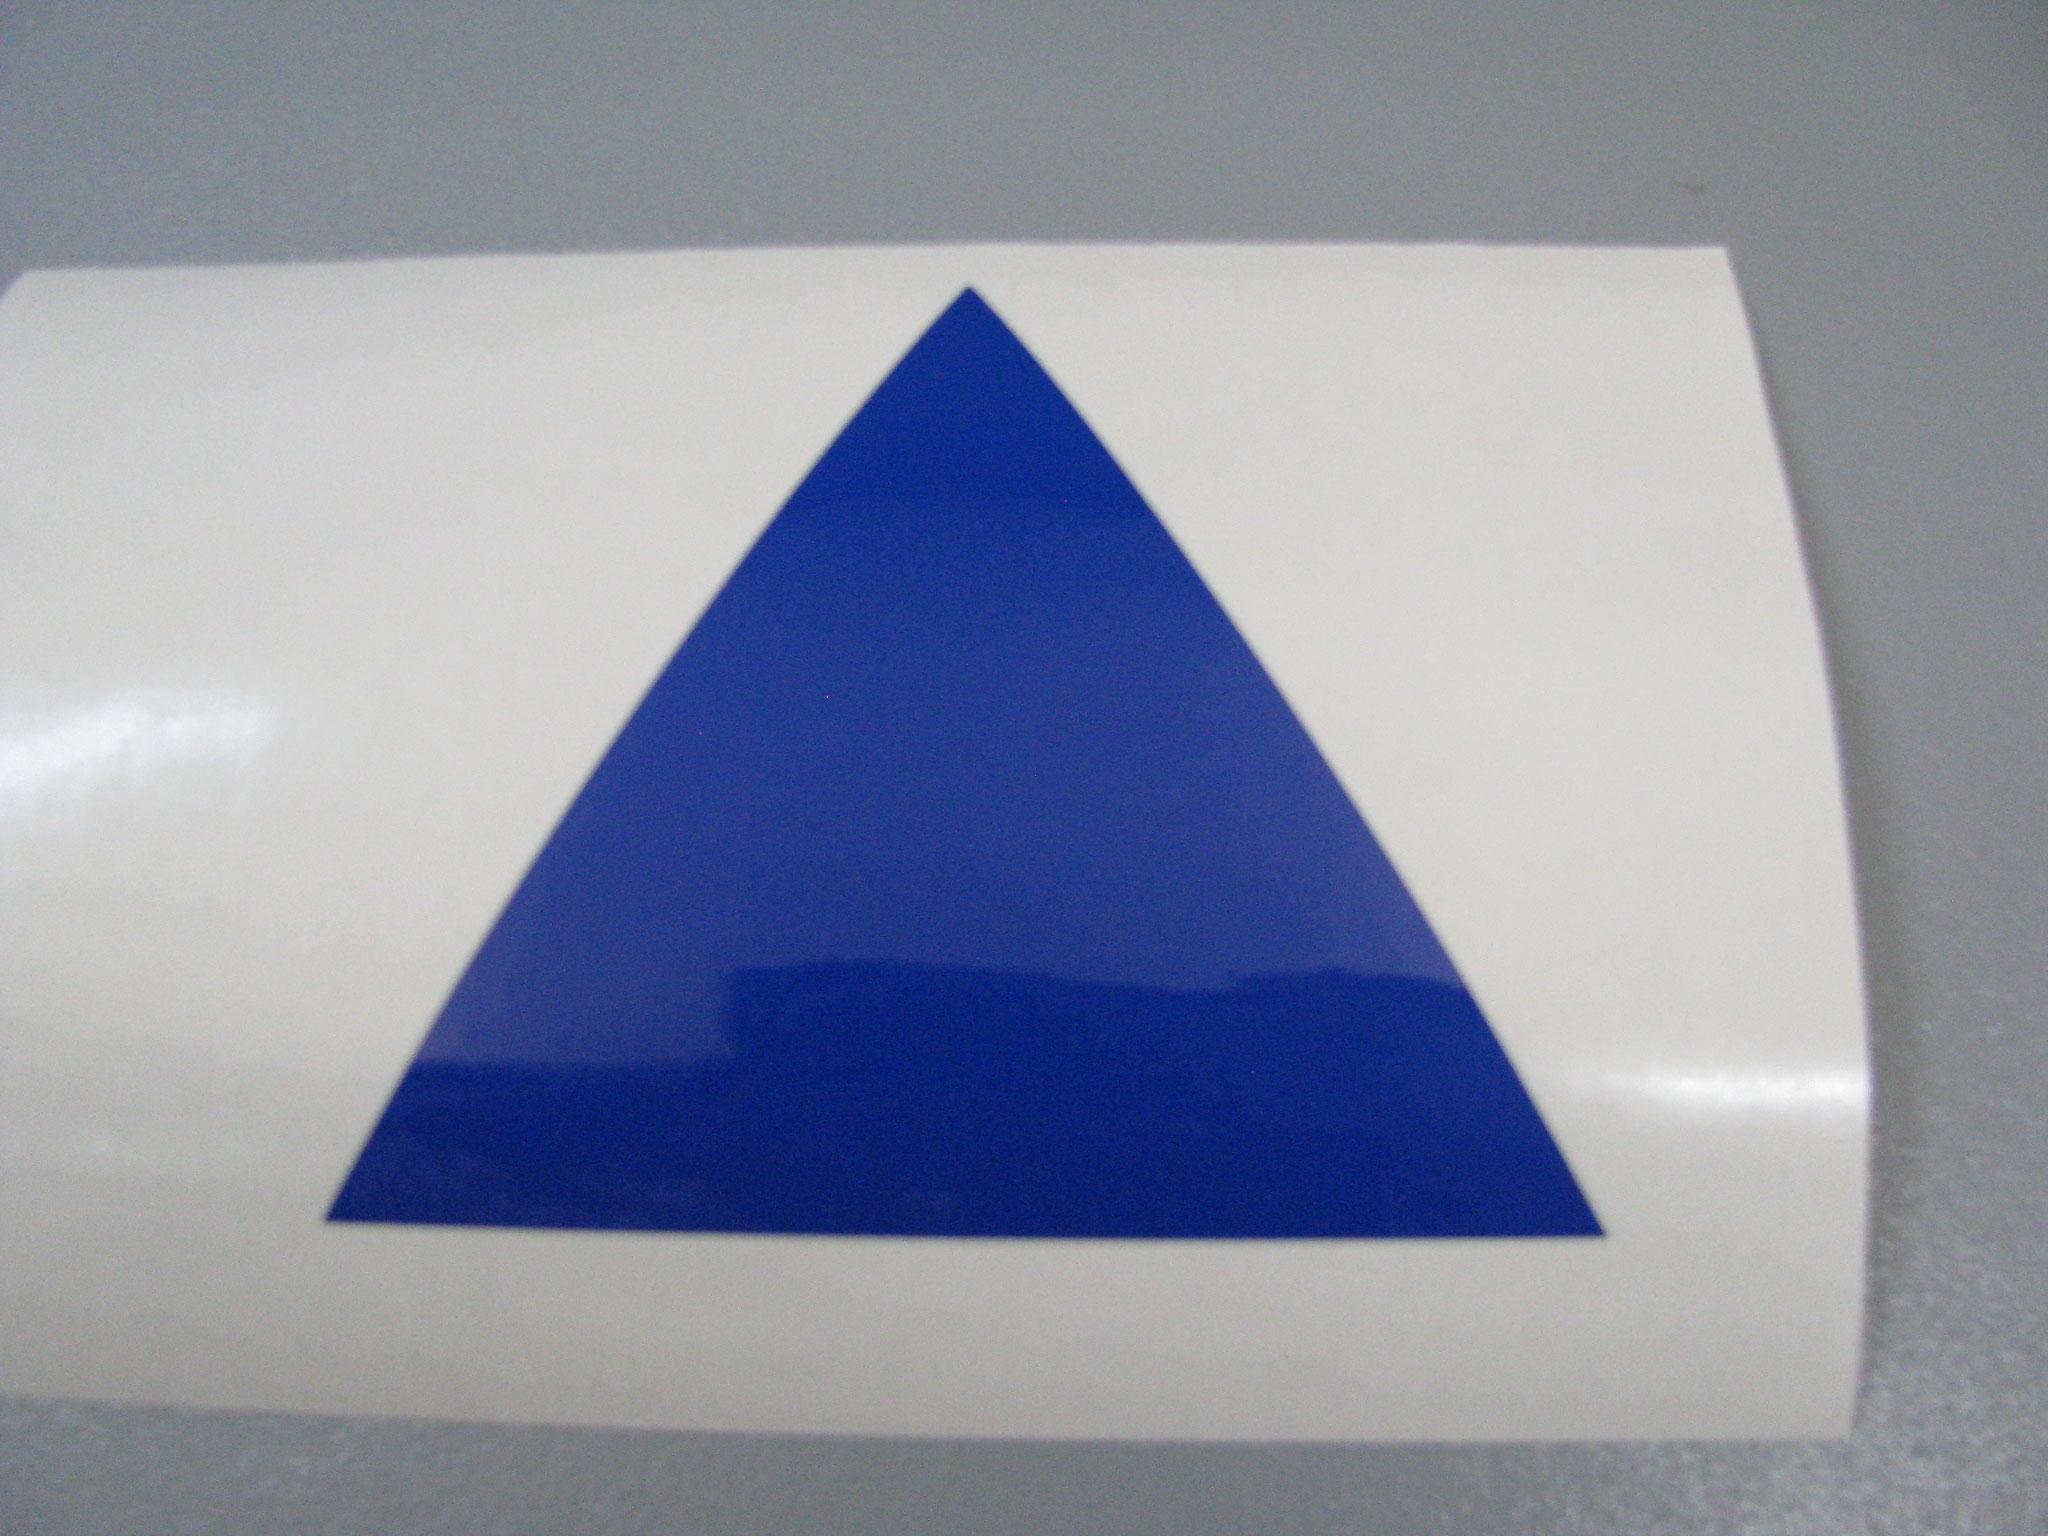 M308: Dreieck, Kantenlänge z.B. 100mm